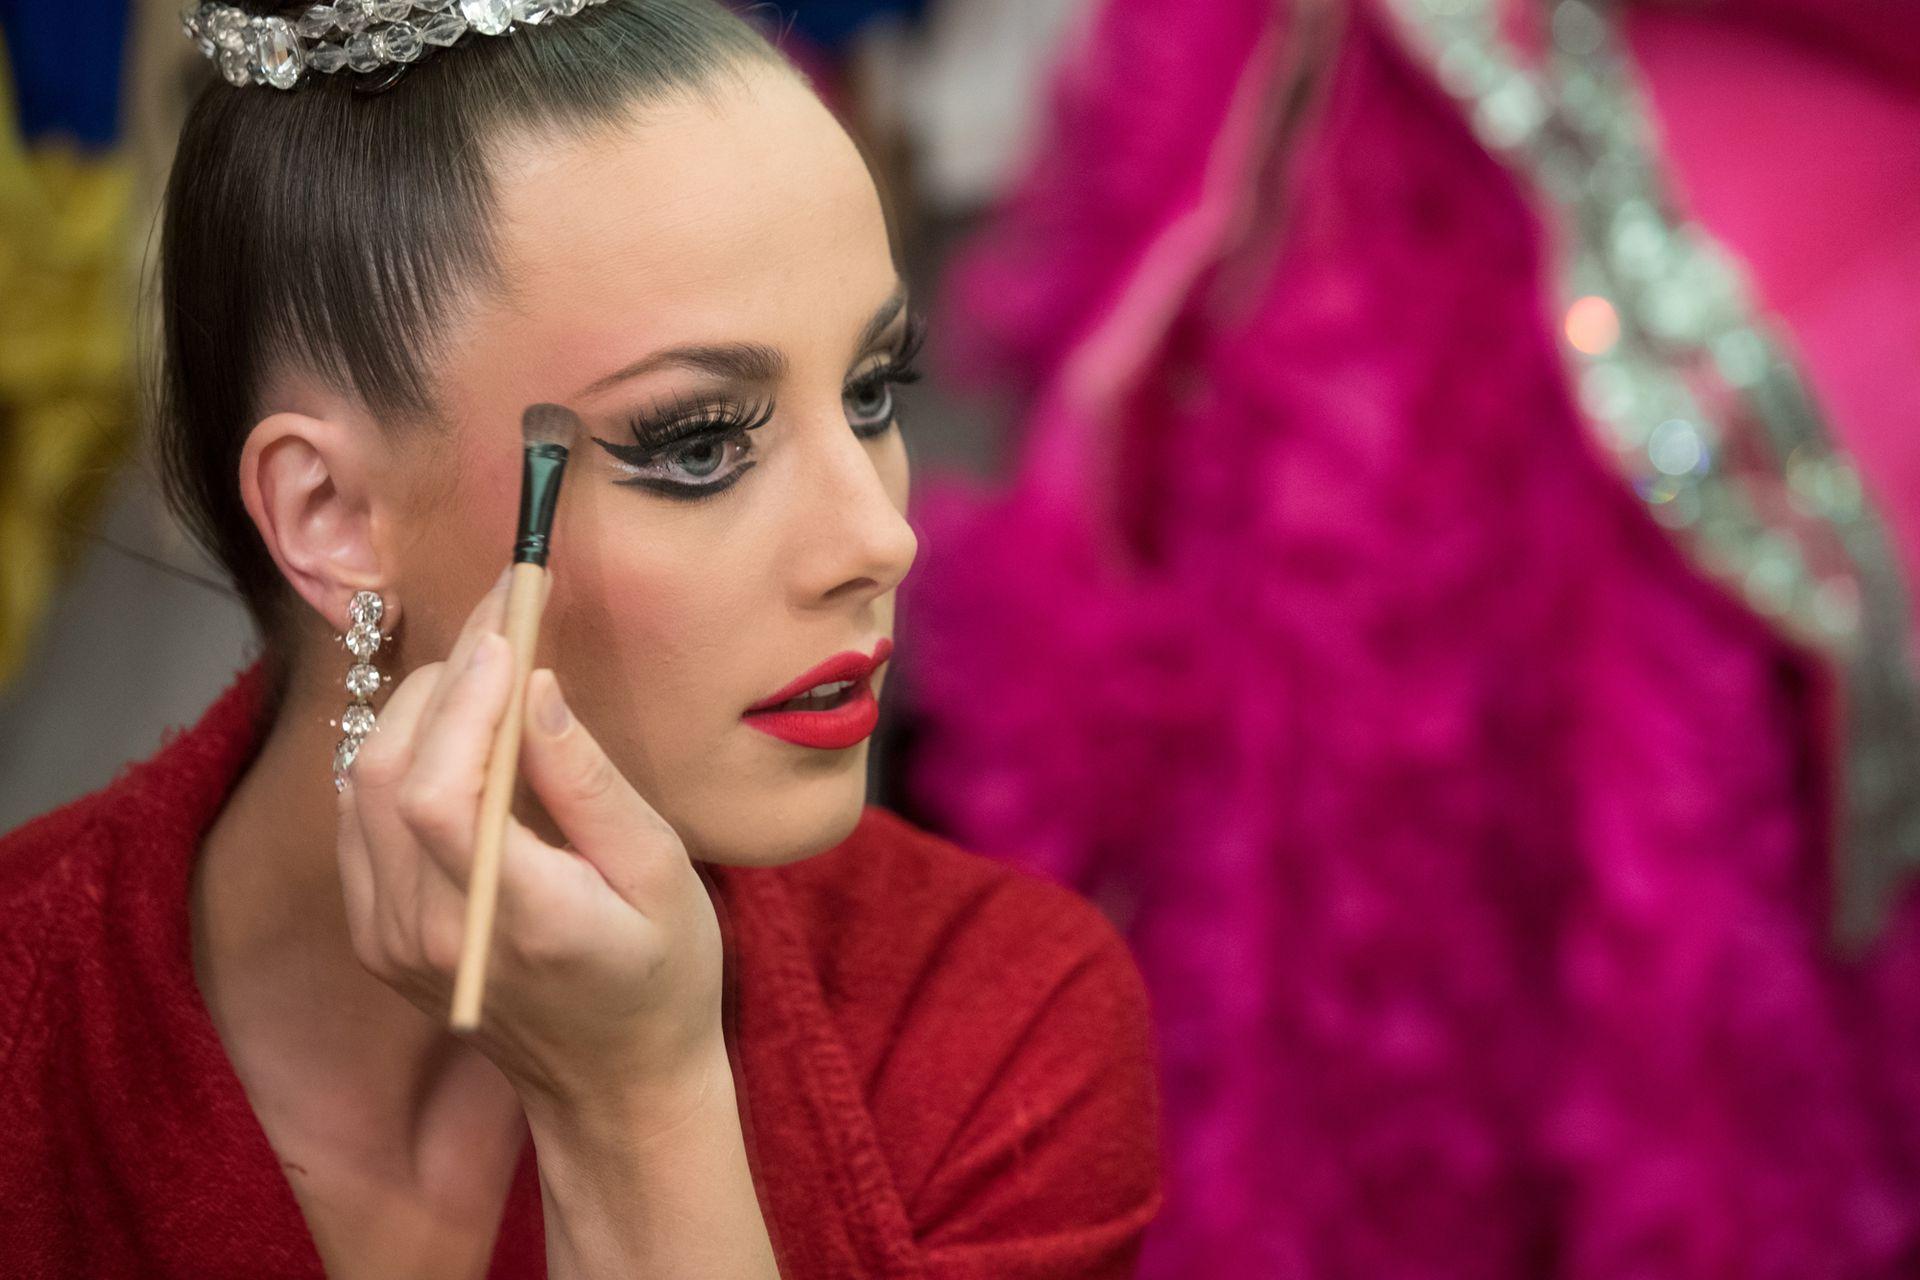 La bailarina Claudine Van Den Bergh, de 27 años, se maquilla